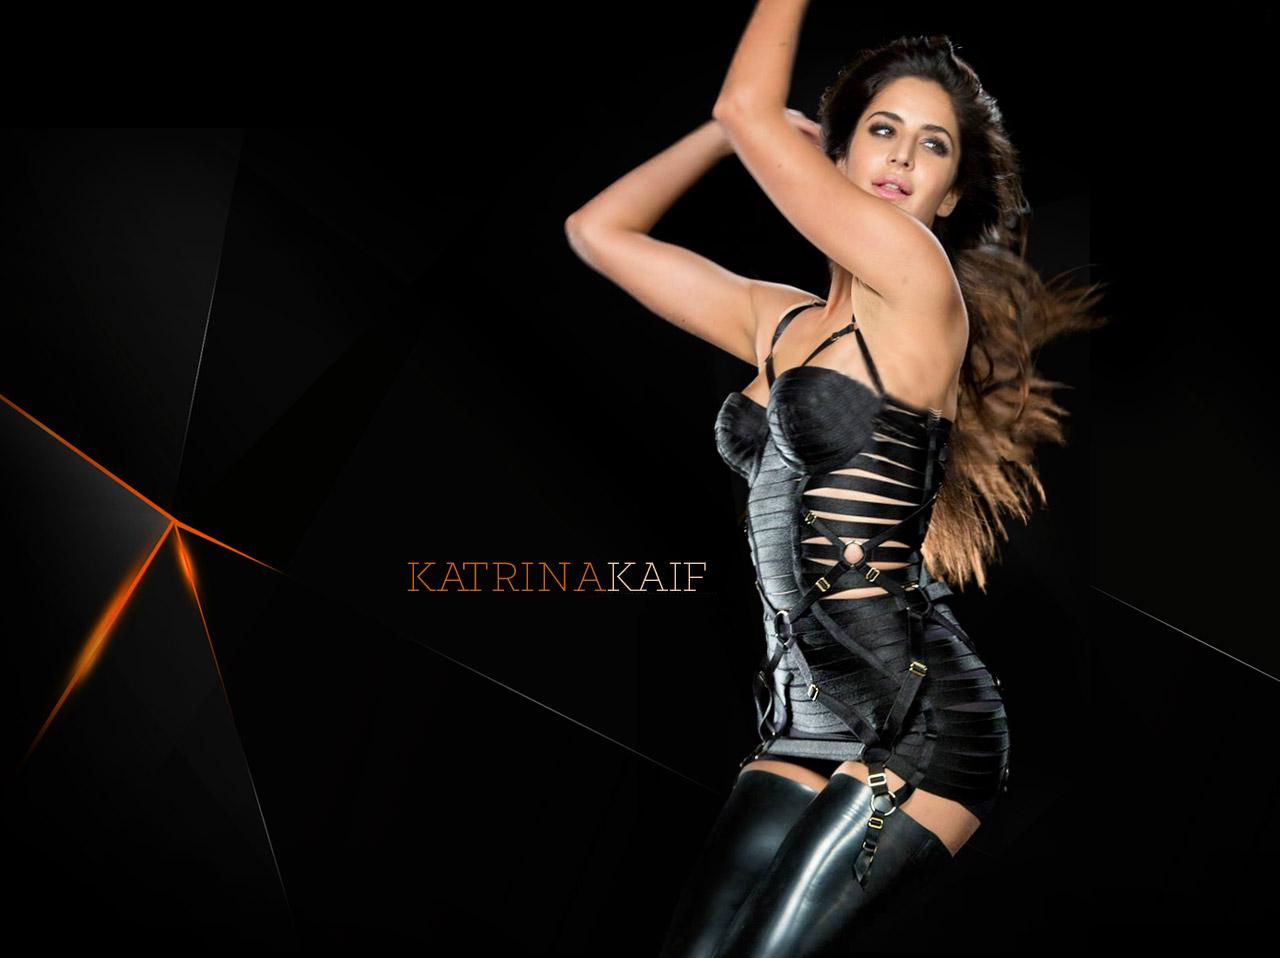 heroine katrina kaif hot sexy photos hd wallpapers | random post 1